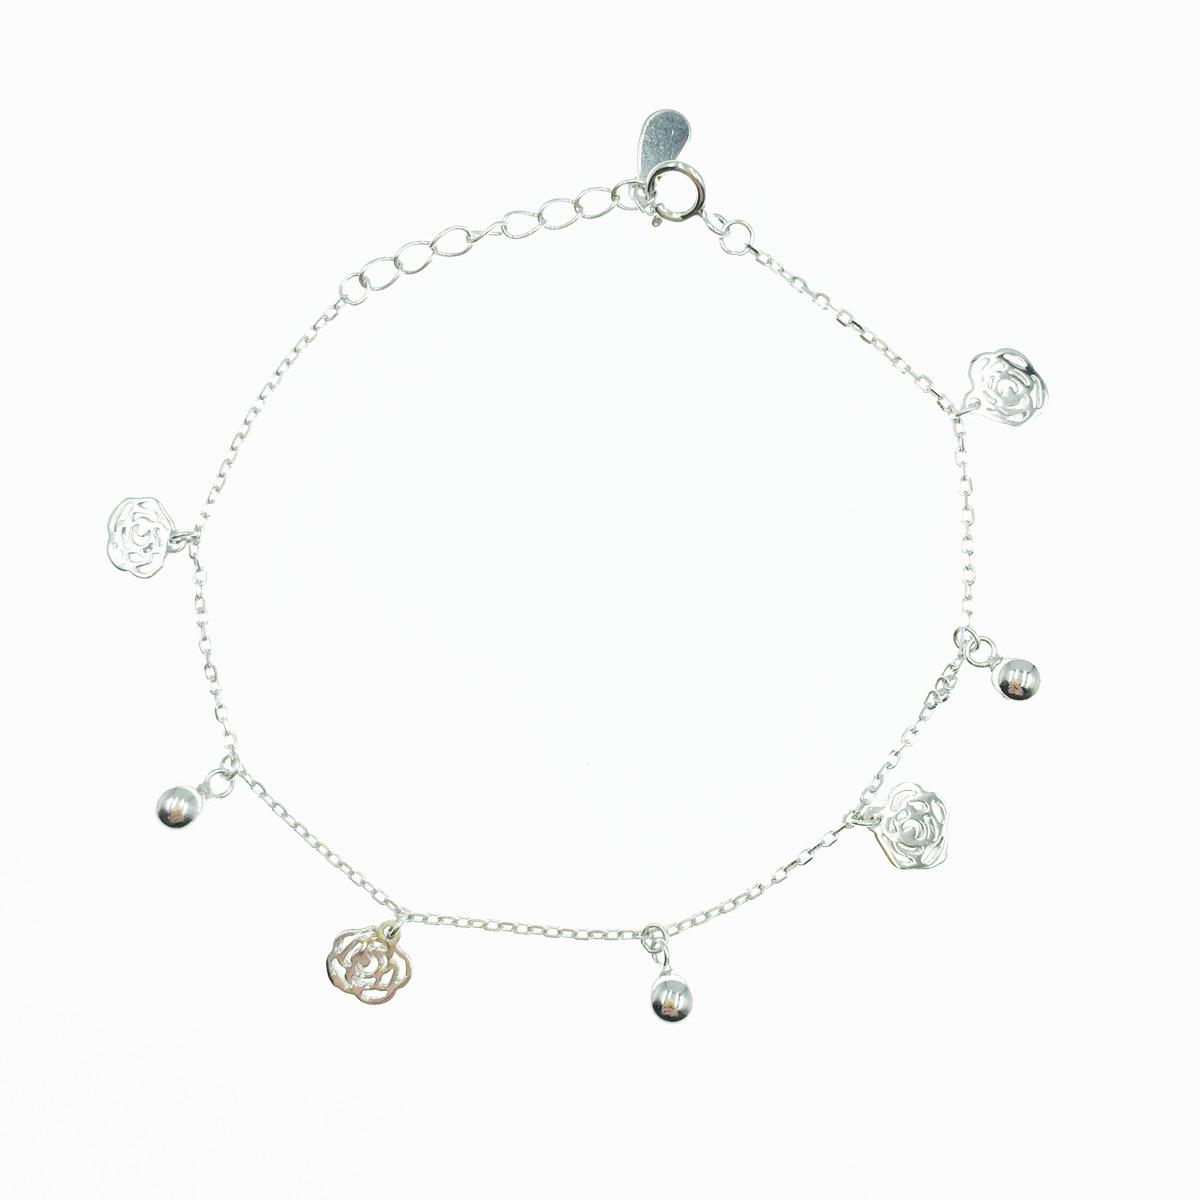 韓國 925純銀 簍空花 金屬珠珠 手飾 手鍊